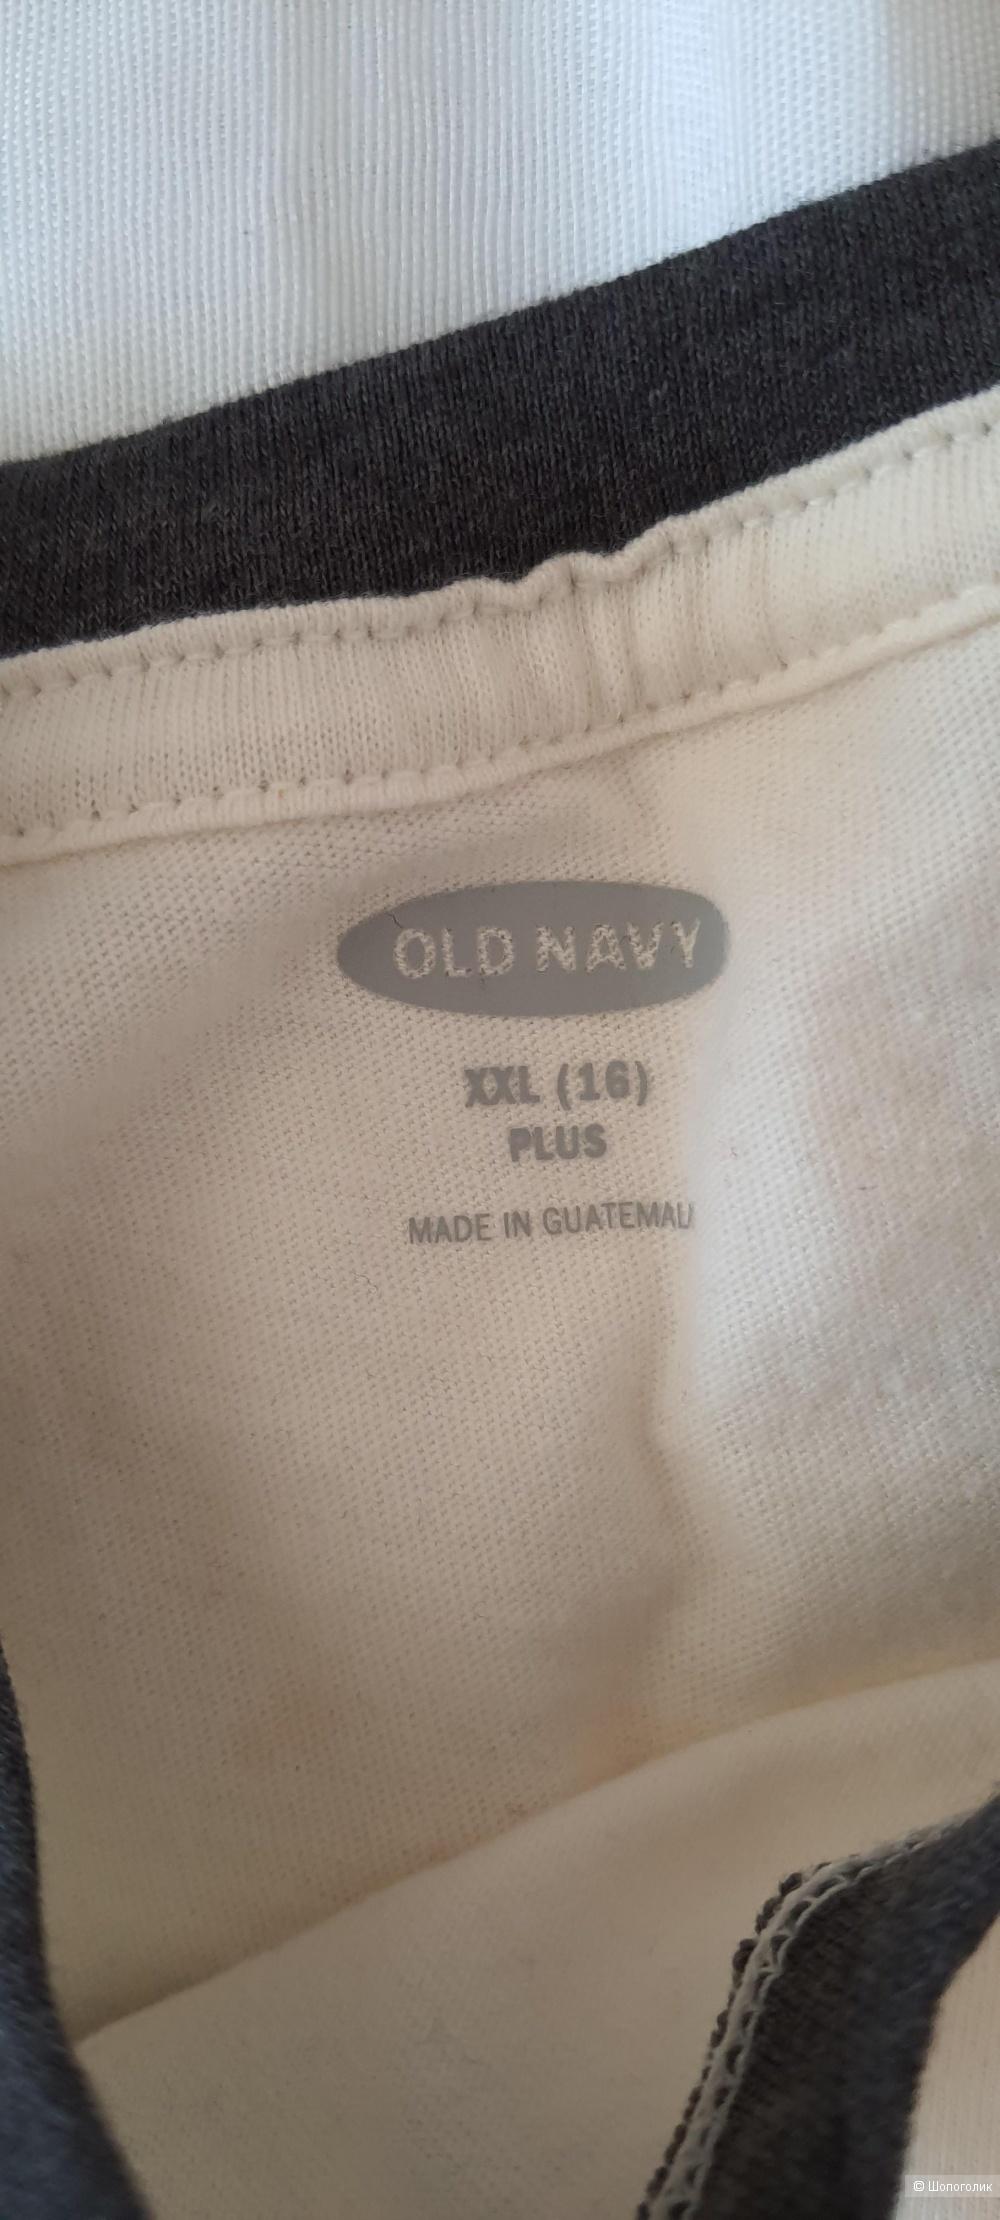 Футболка Old navy на 46 размер